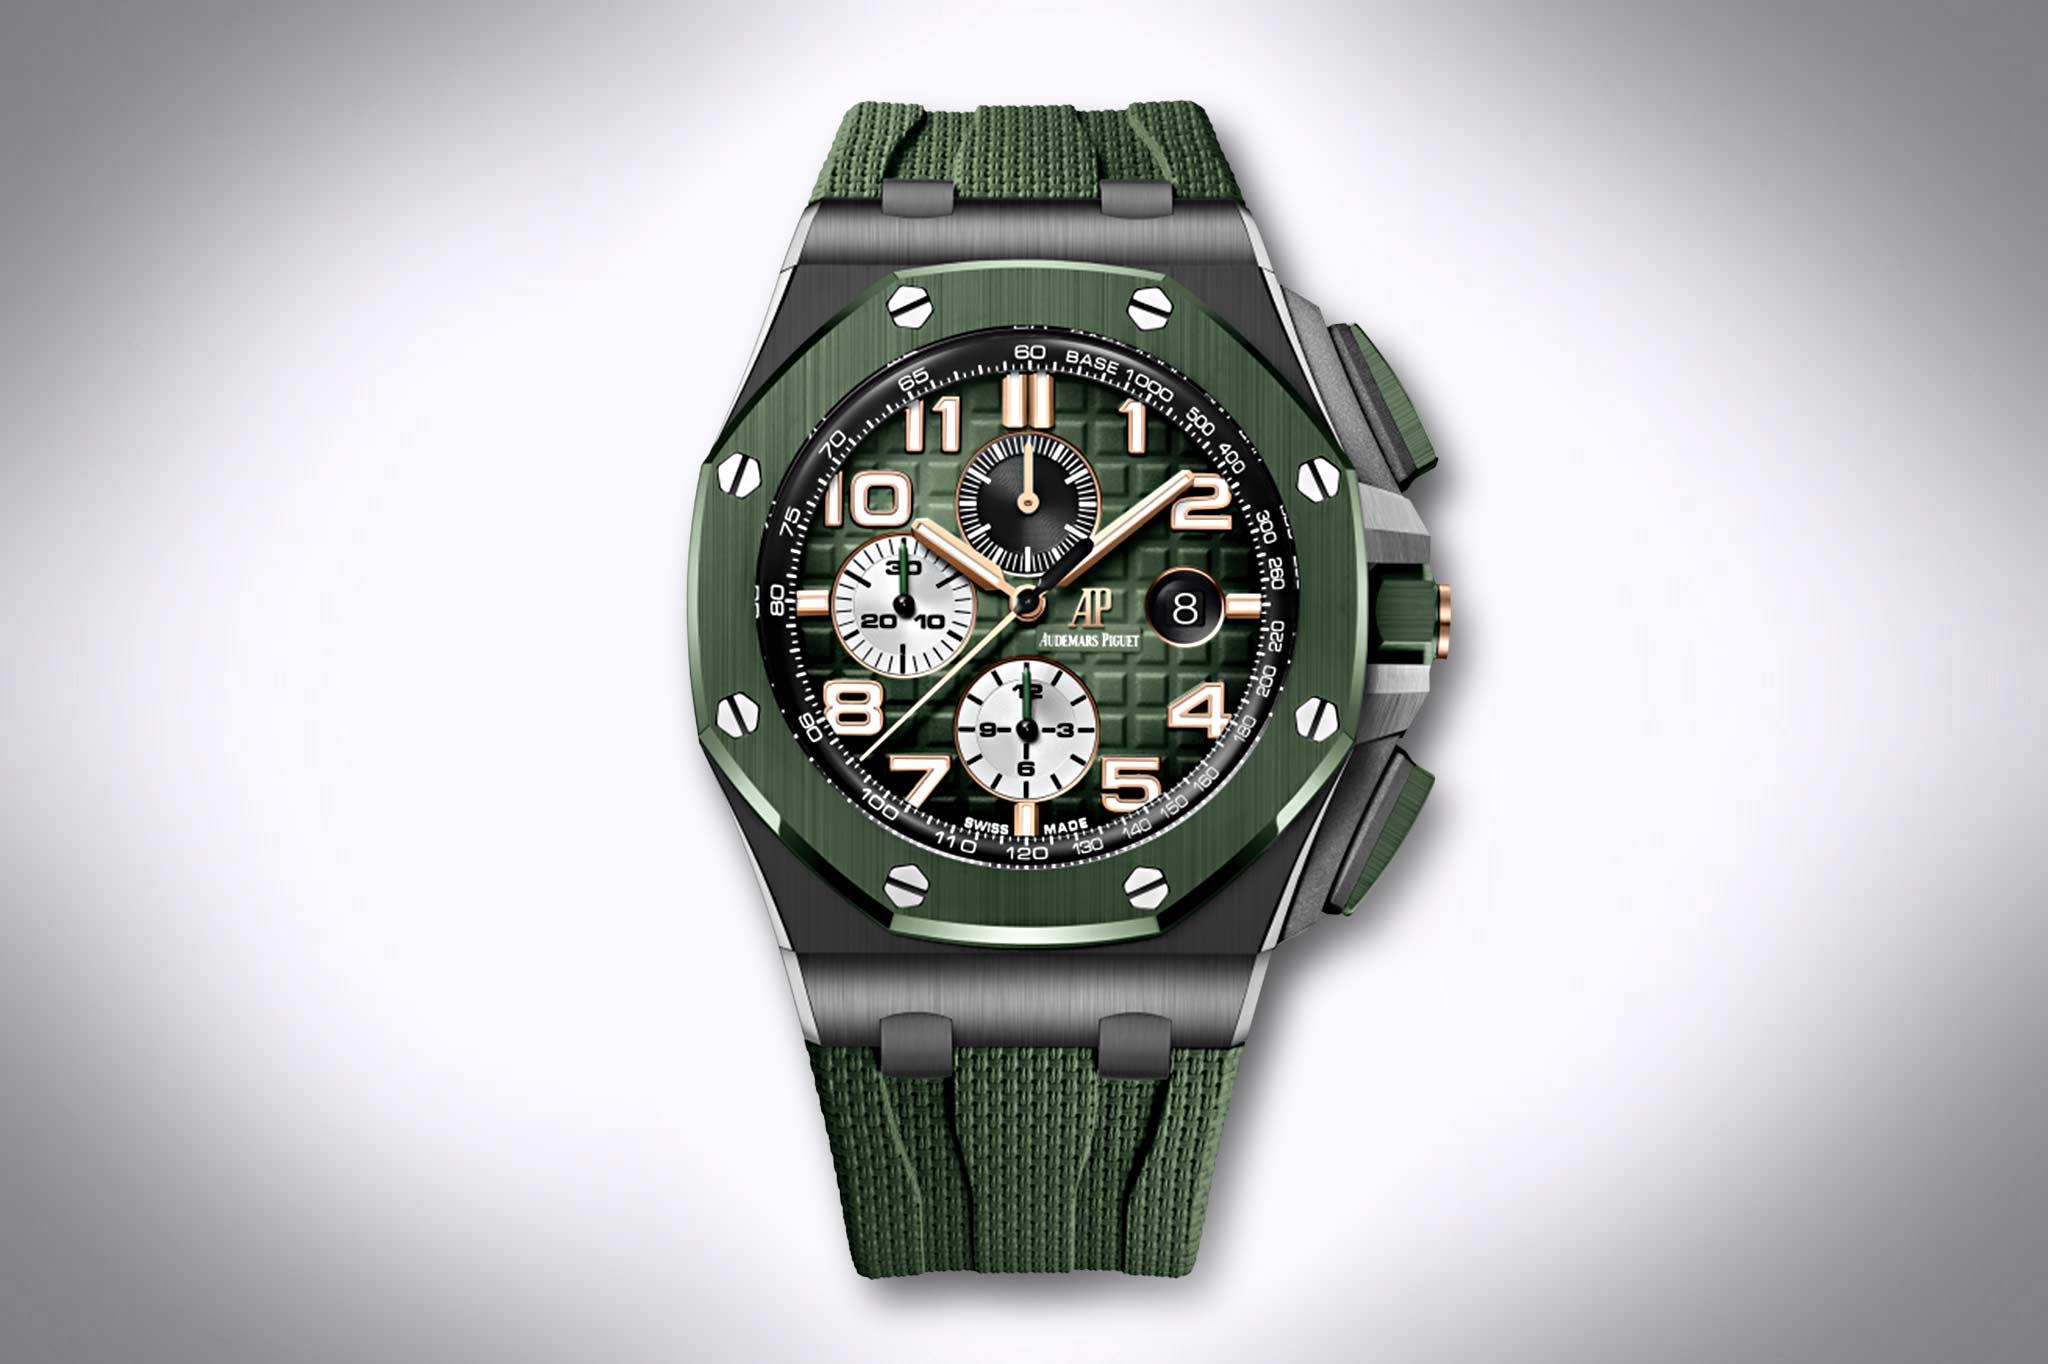 Audemars Piguet Uhr als Kapitalanlage